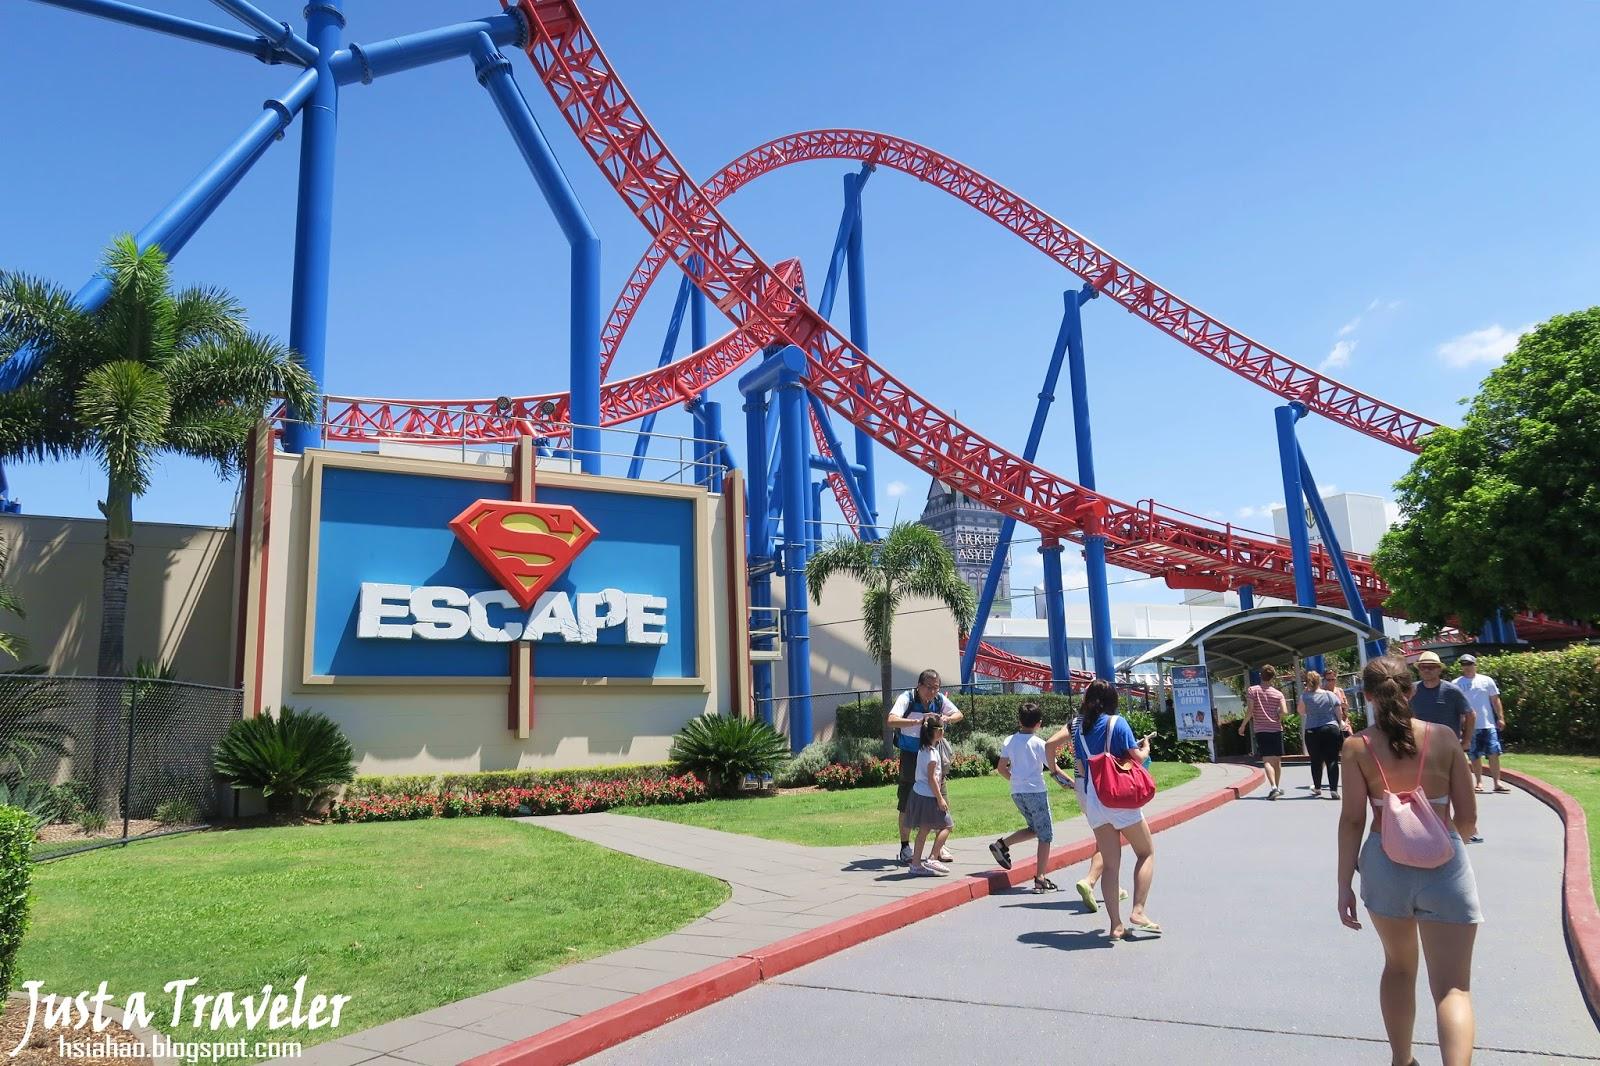 黃金海岸-景點-推薦-主題樂園-遊樂園-電影世界-好玩-必玩-旅遊-自由行-澳洲-Gold Coast-Theme-Park-best-Attraction-movie-world